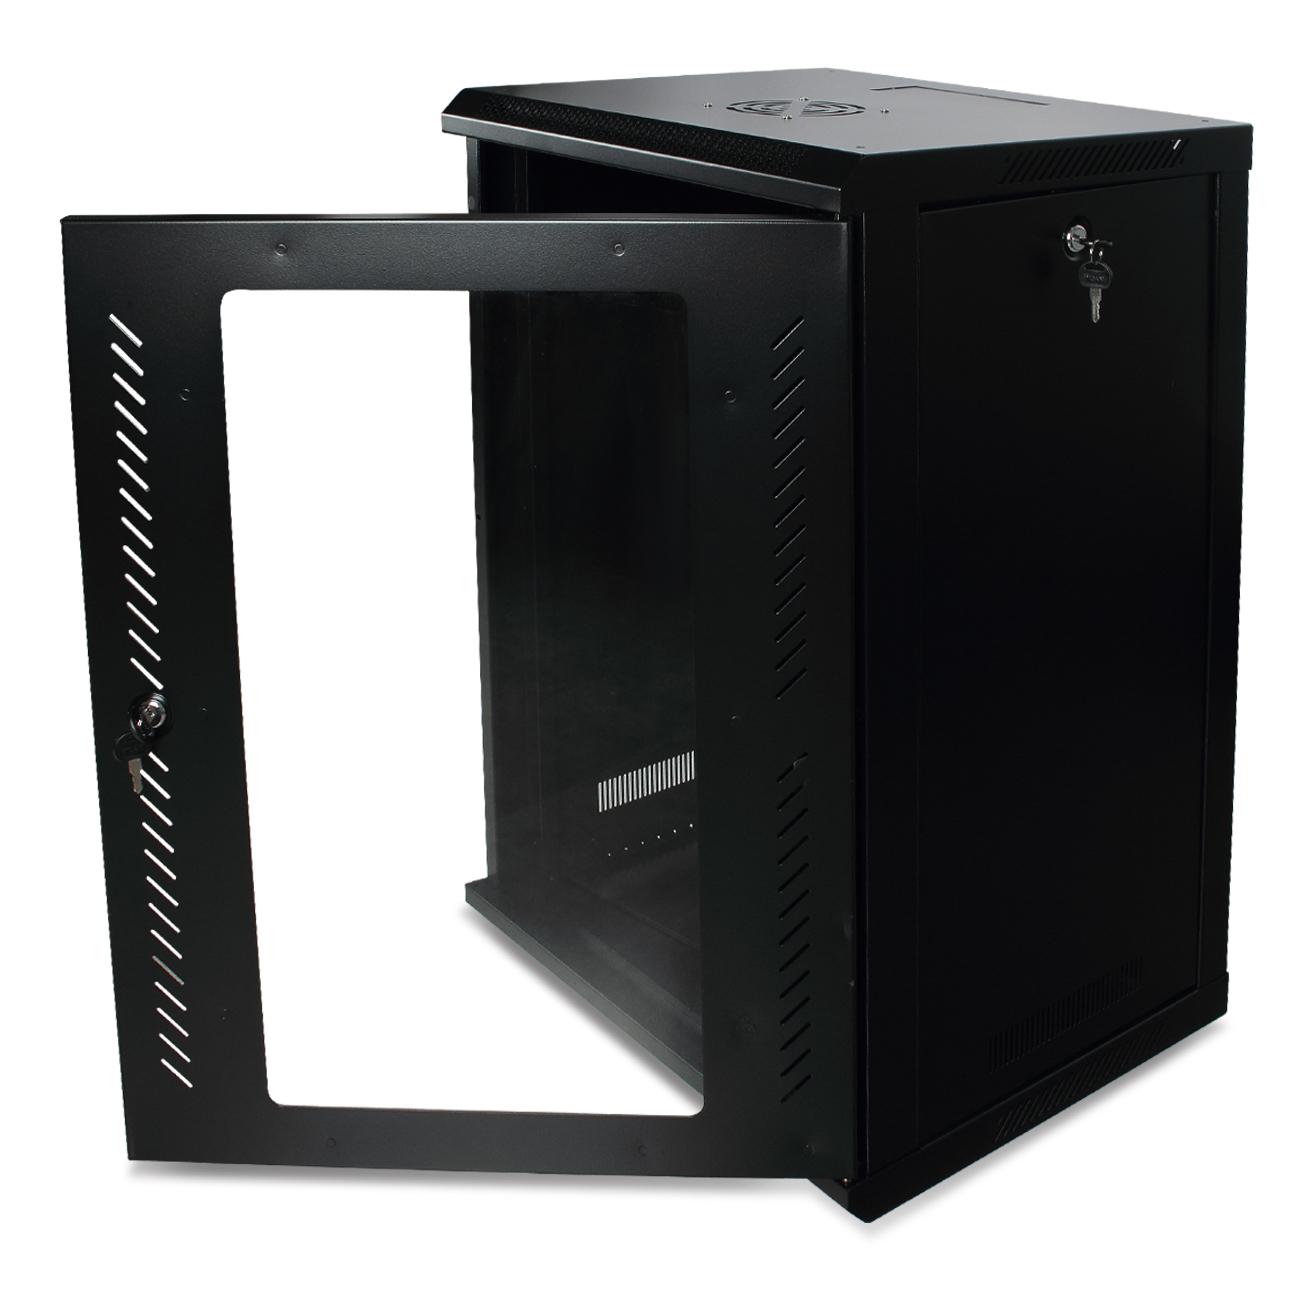 15u Glass Door Network Data Wall Mount Server Cabinet Rack